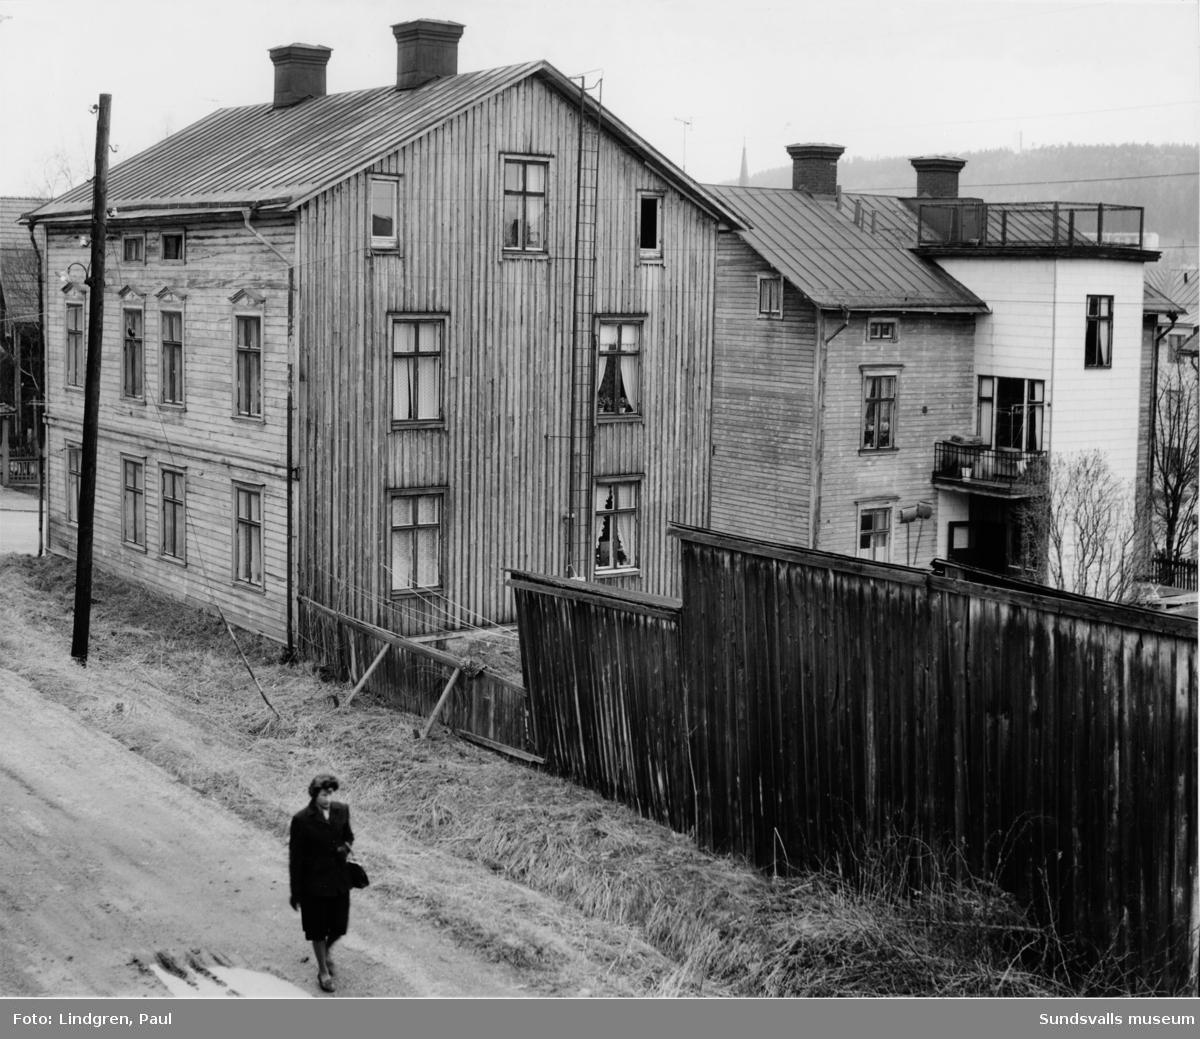 Nybrogatan 41A och 41B. Uppförda (1889 resp. 1898) på samma tomt men med två olika ägare. Fastigheterna fick vatten och avlopp till gården först 1905. Damen på bilden heter Alva Dufvenberg.